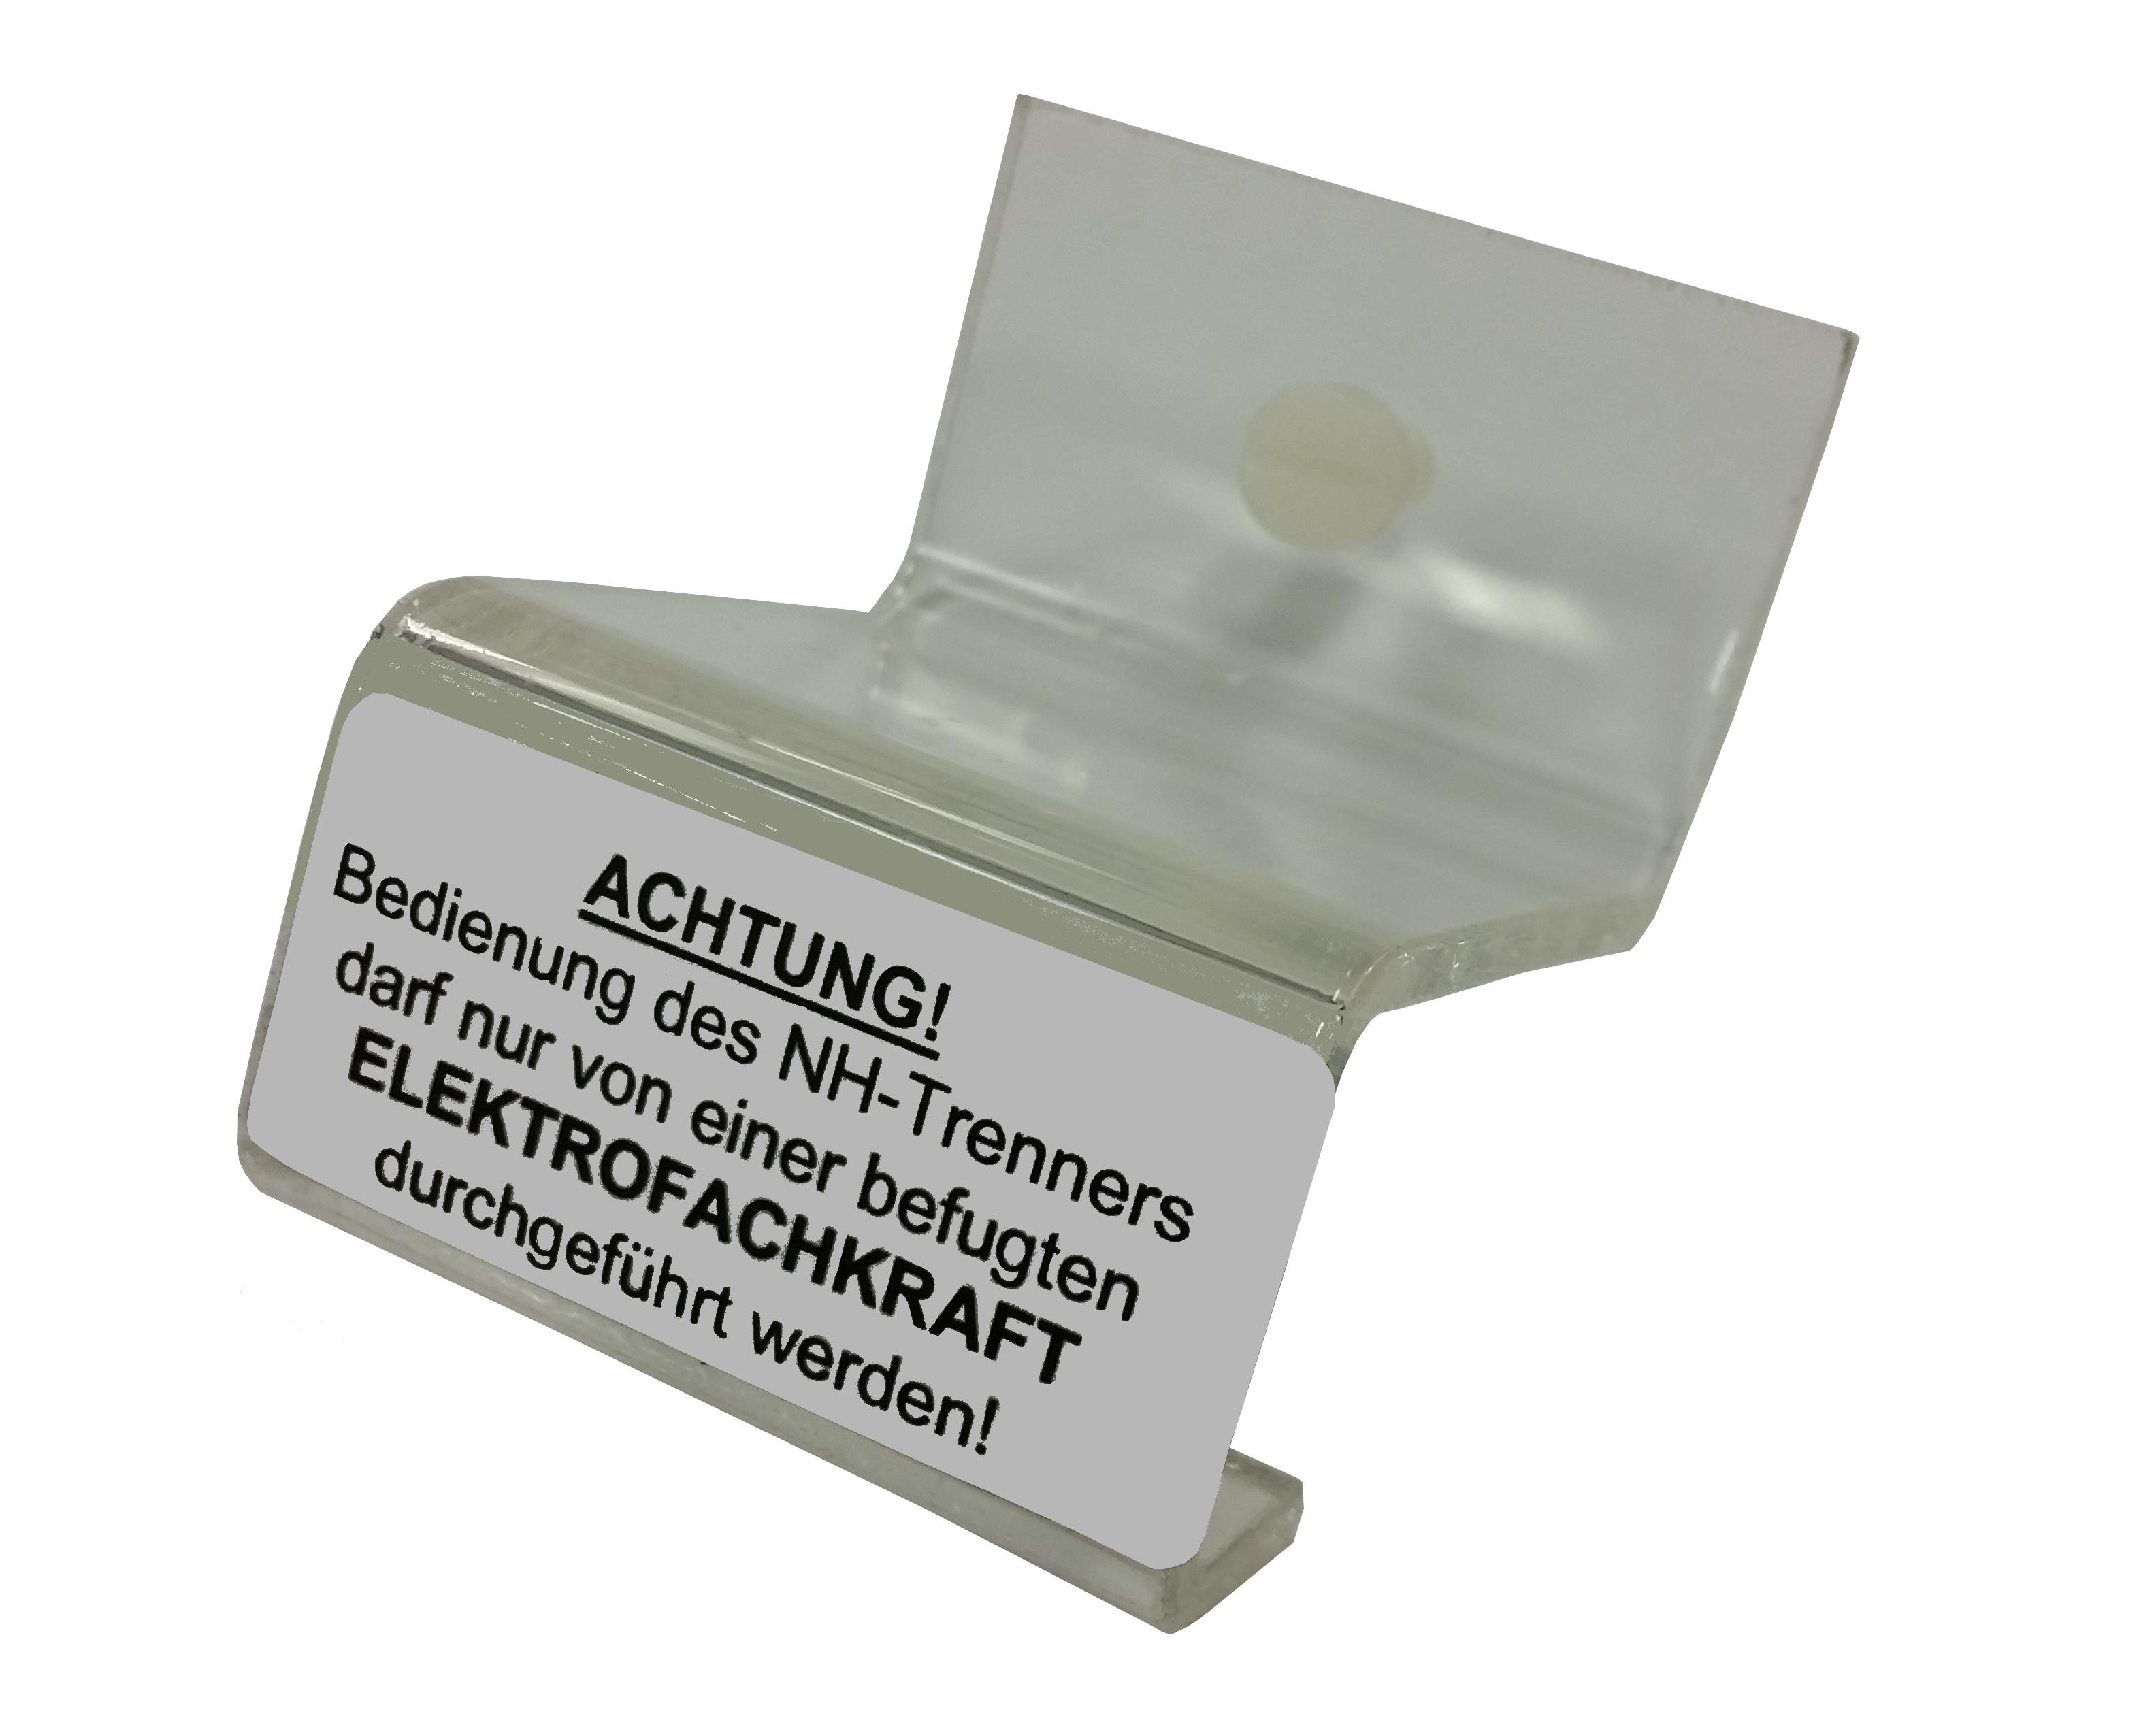 1 Stk Ausschaltsperre für NH-Trenner, Gr. 1 IL900801--